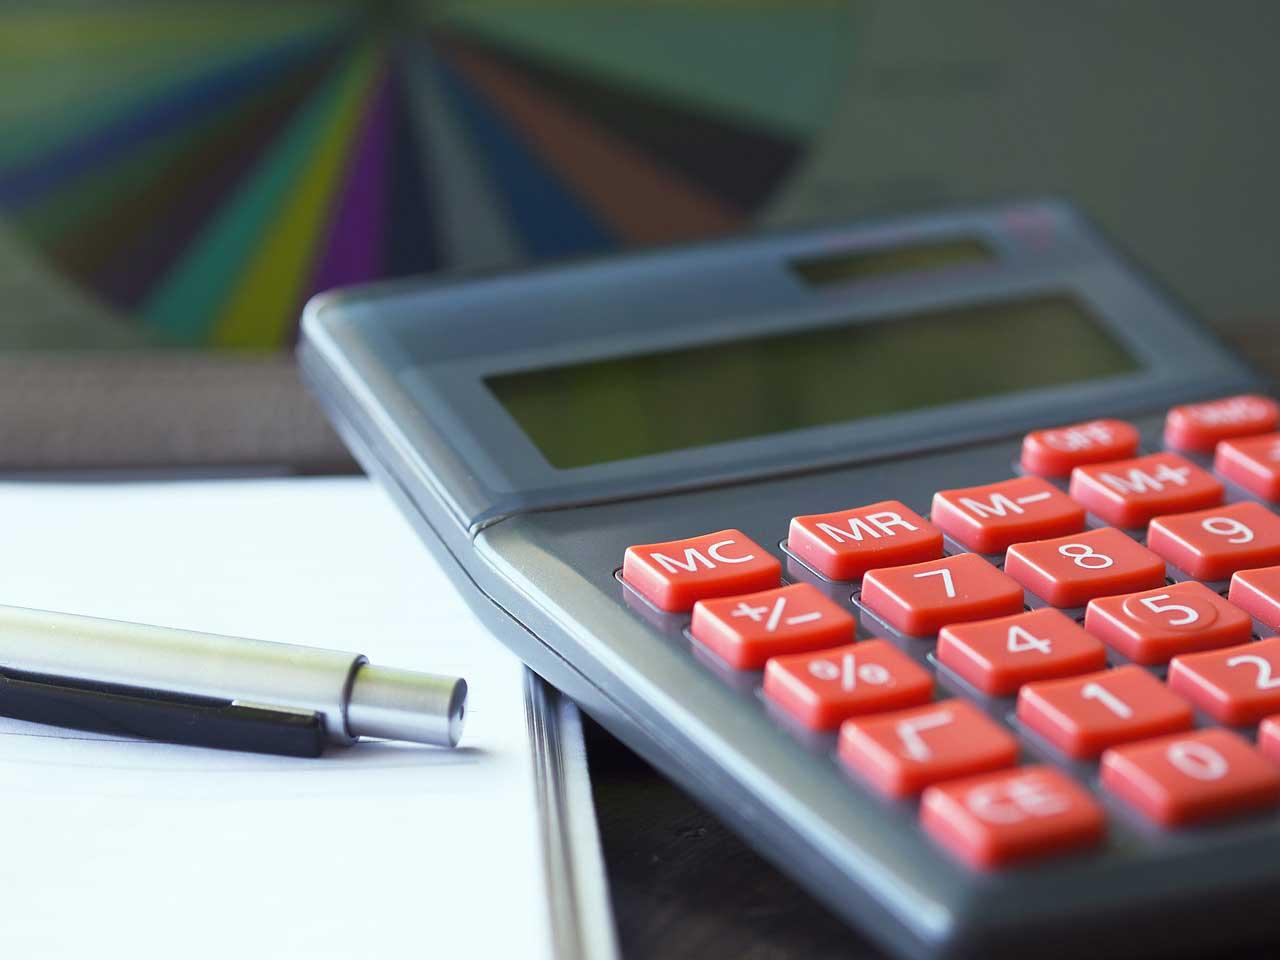 İş Kazası, Meslek Hastalığı, Analık ve Hastalık rapor Ücretleri Nasıl Alınır?